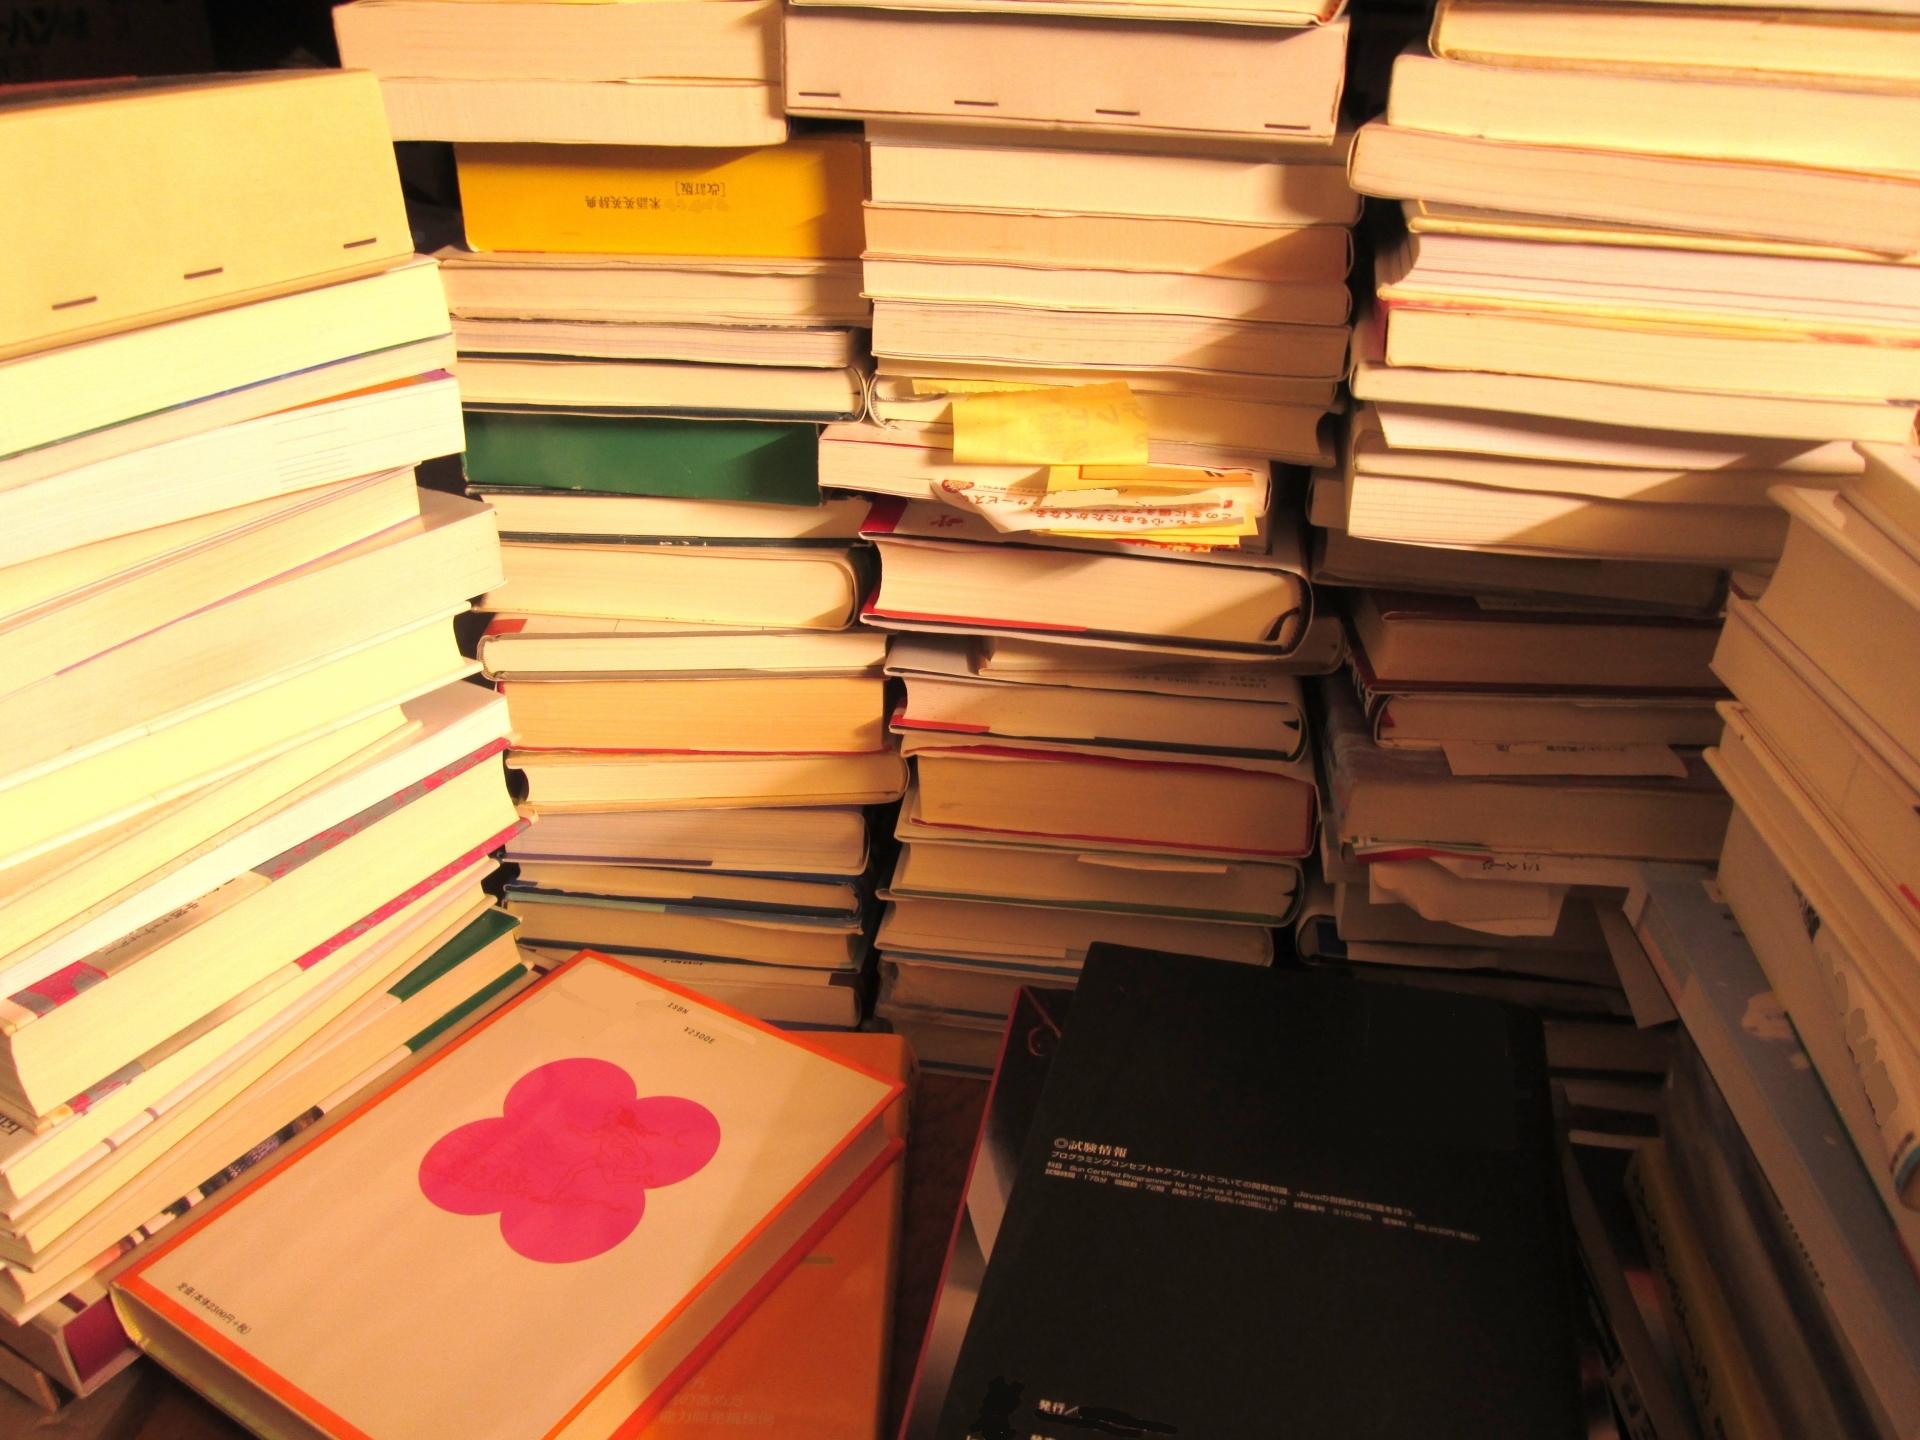 積み上げた書籍